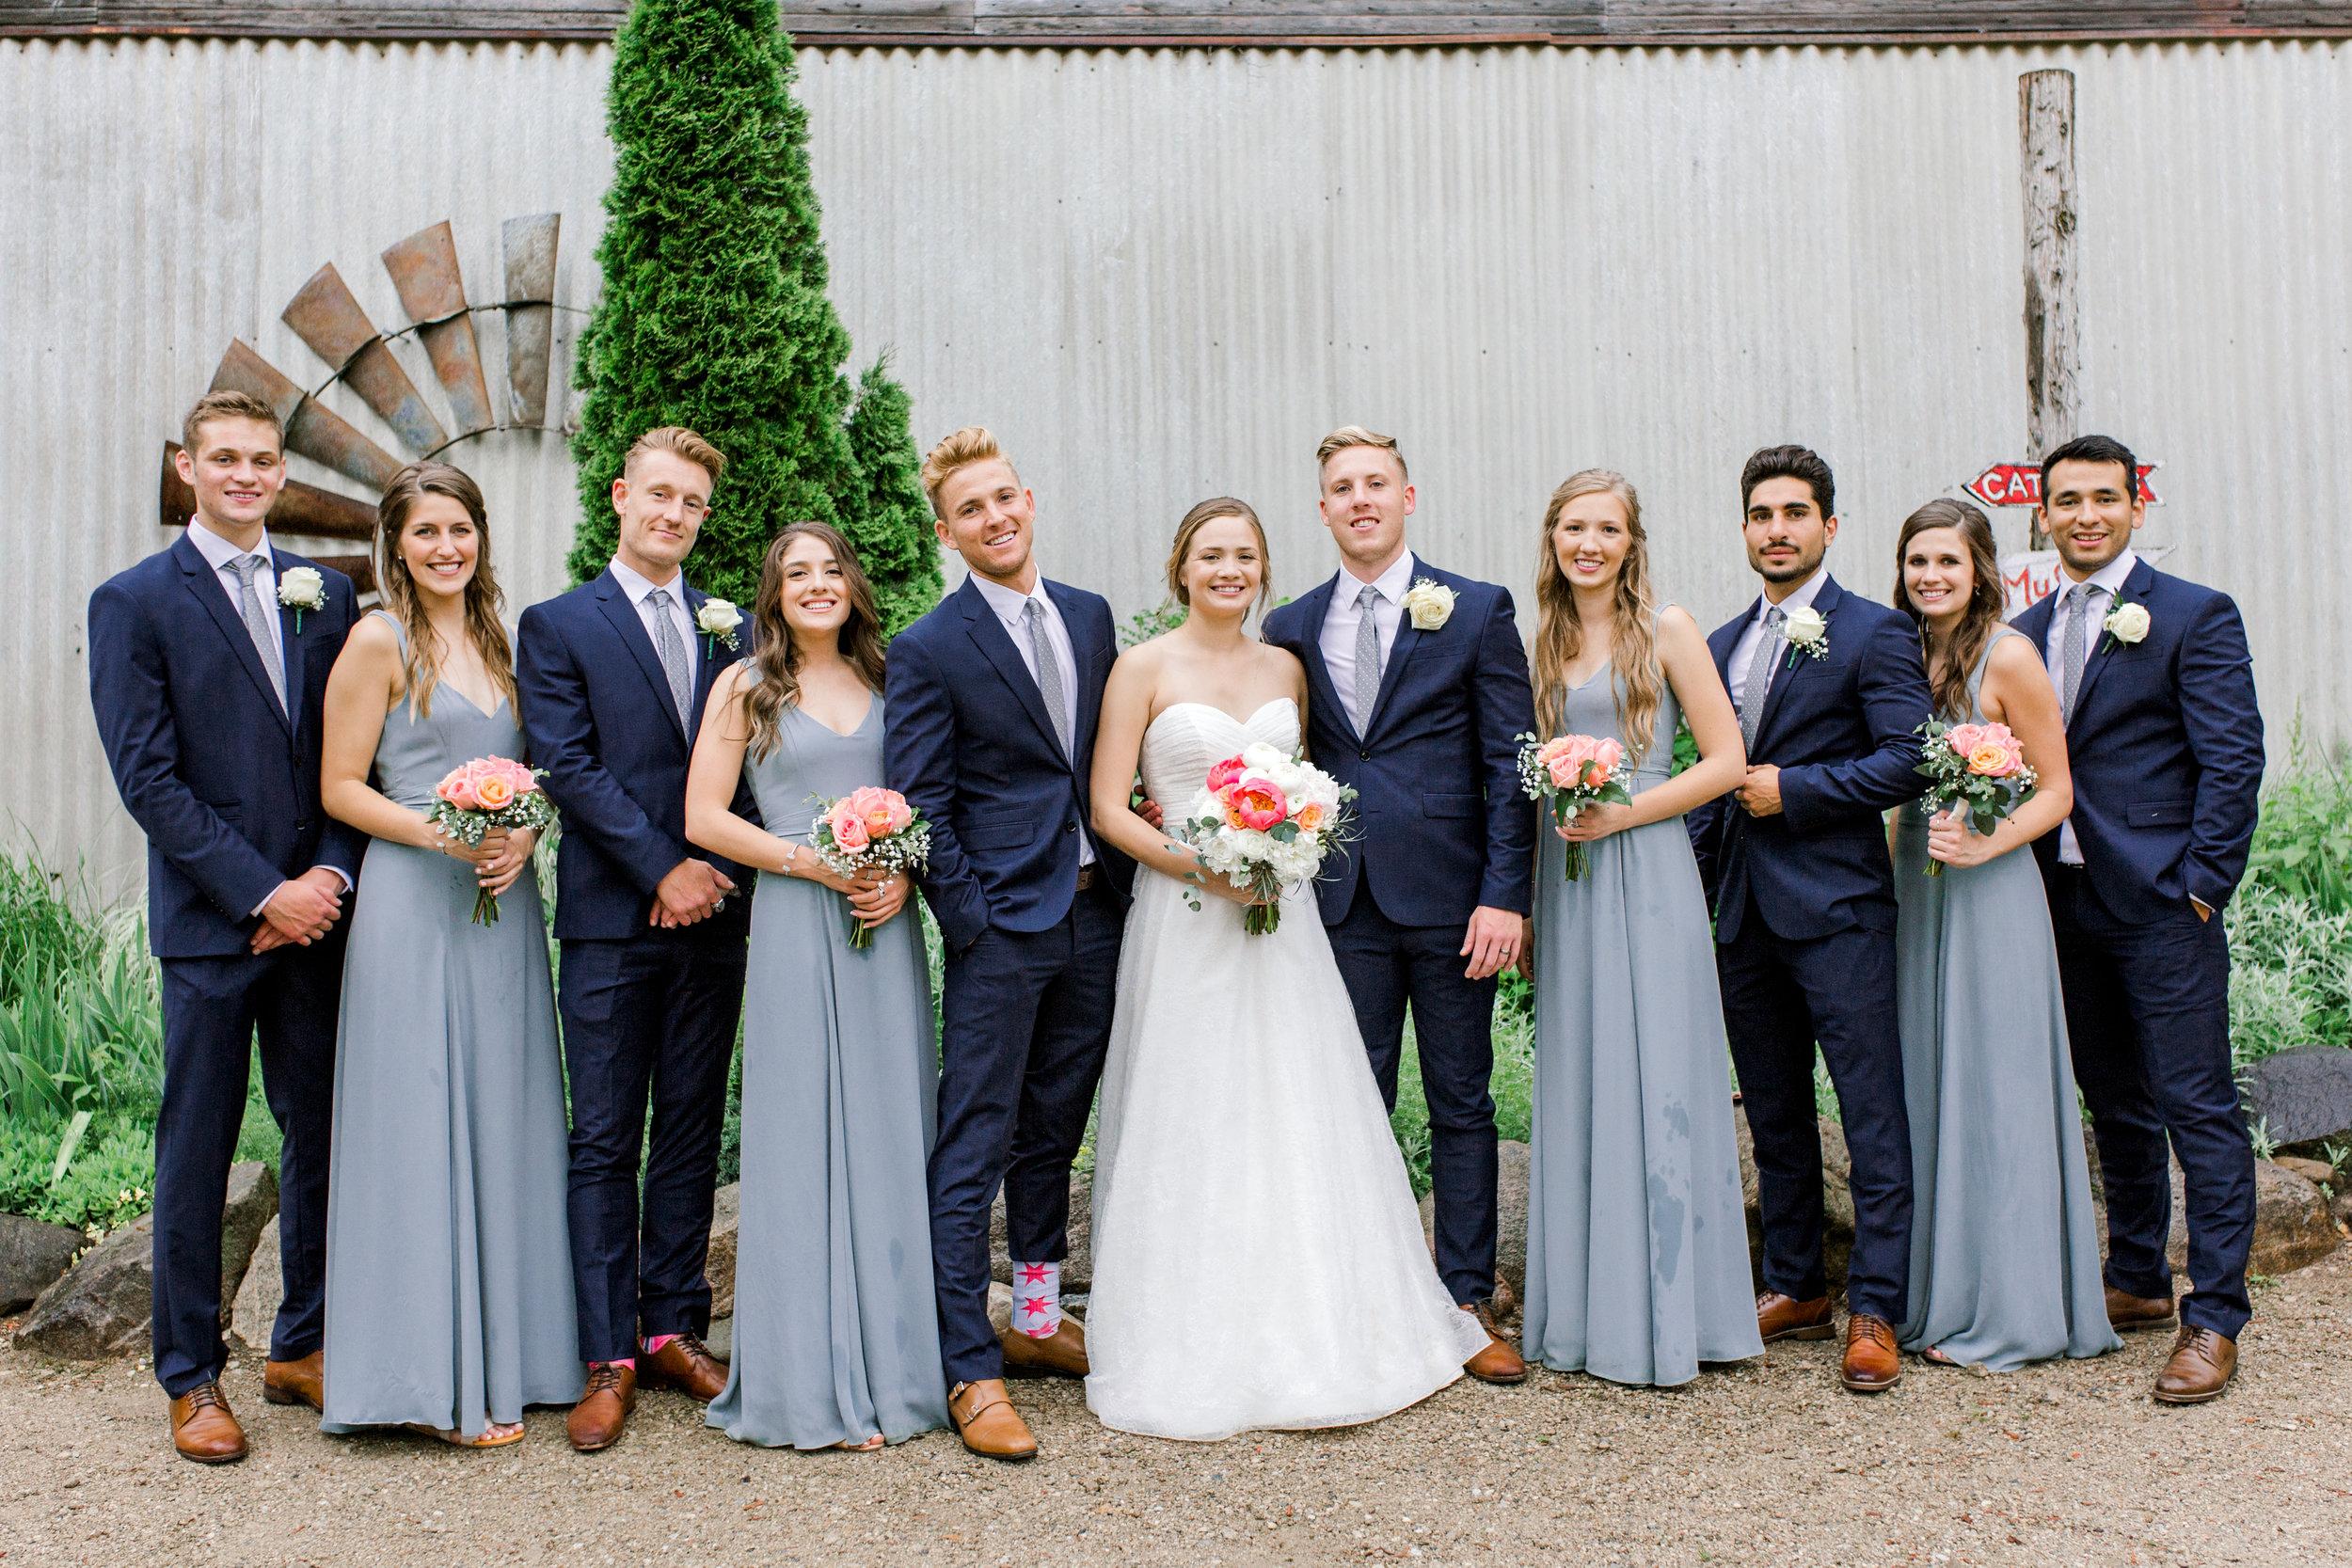 Woodley_Wedding1438.jpg